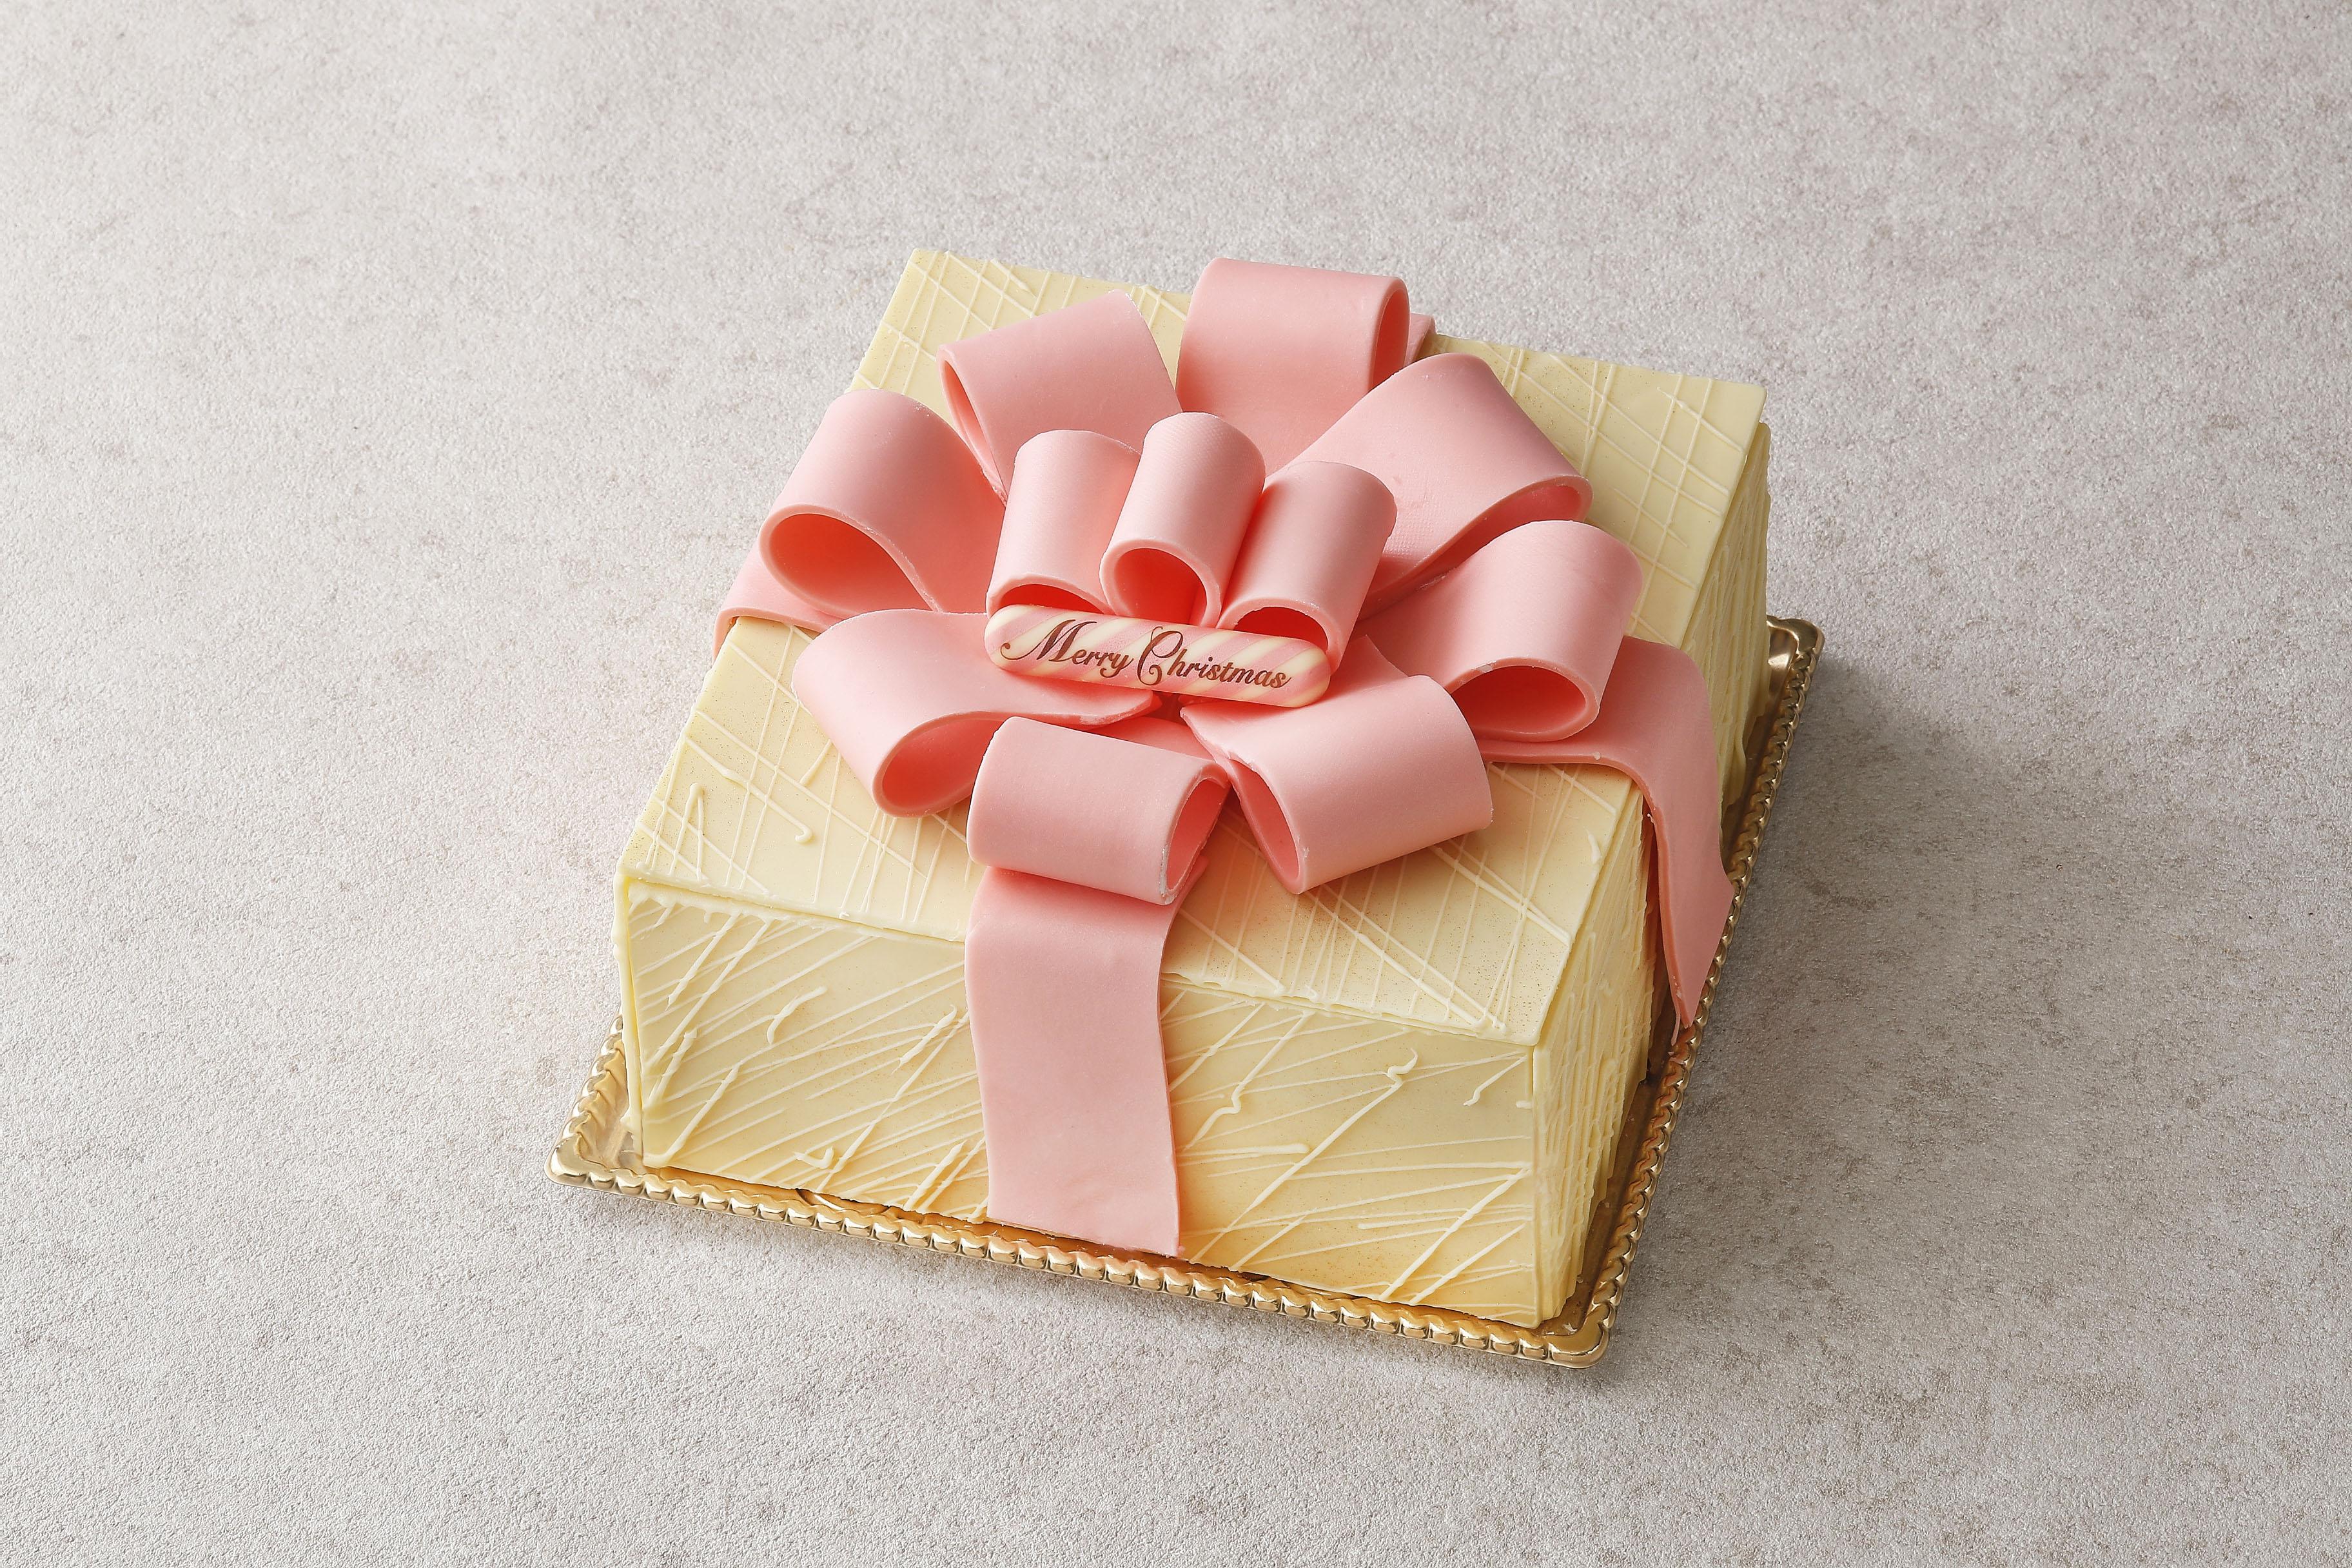 ホテルニューグランドの2020クリスマスケーキ<10月1日より予約スタート>